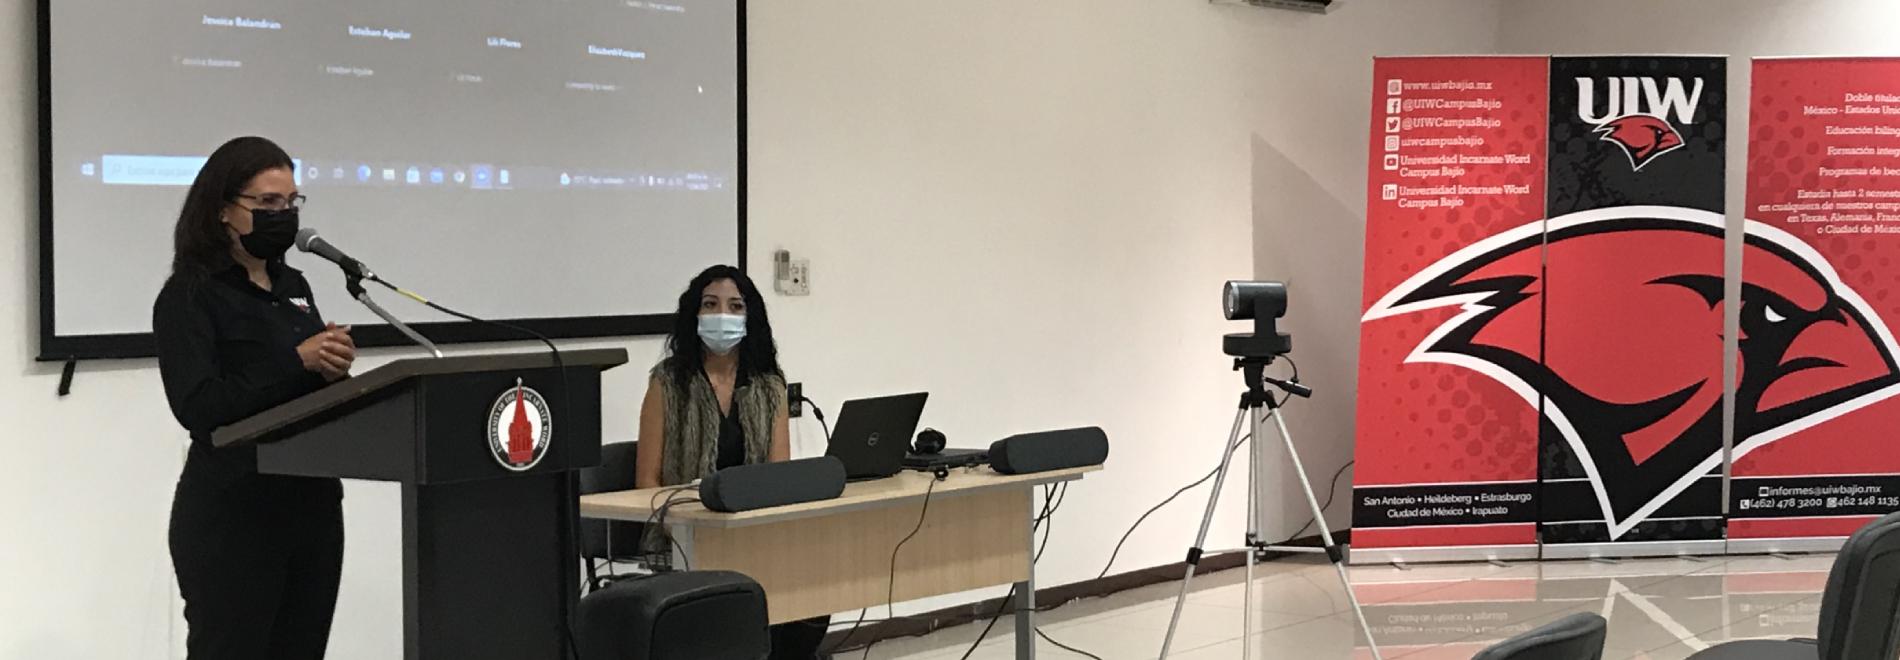 Reunión de Gerentes de Recursos Humanos - Marabis Castro del Río